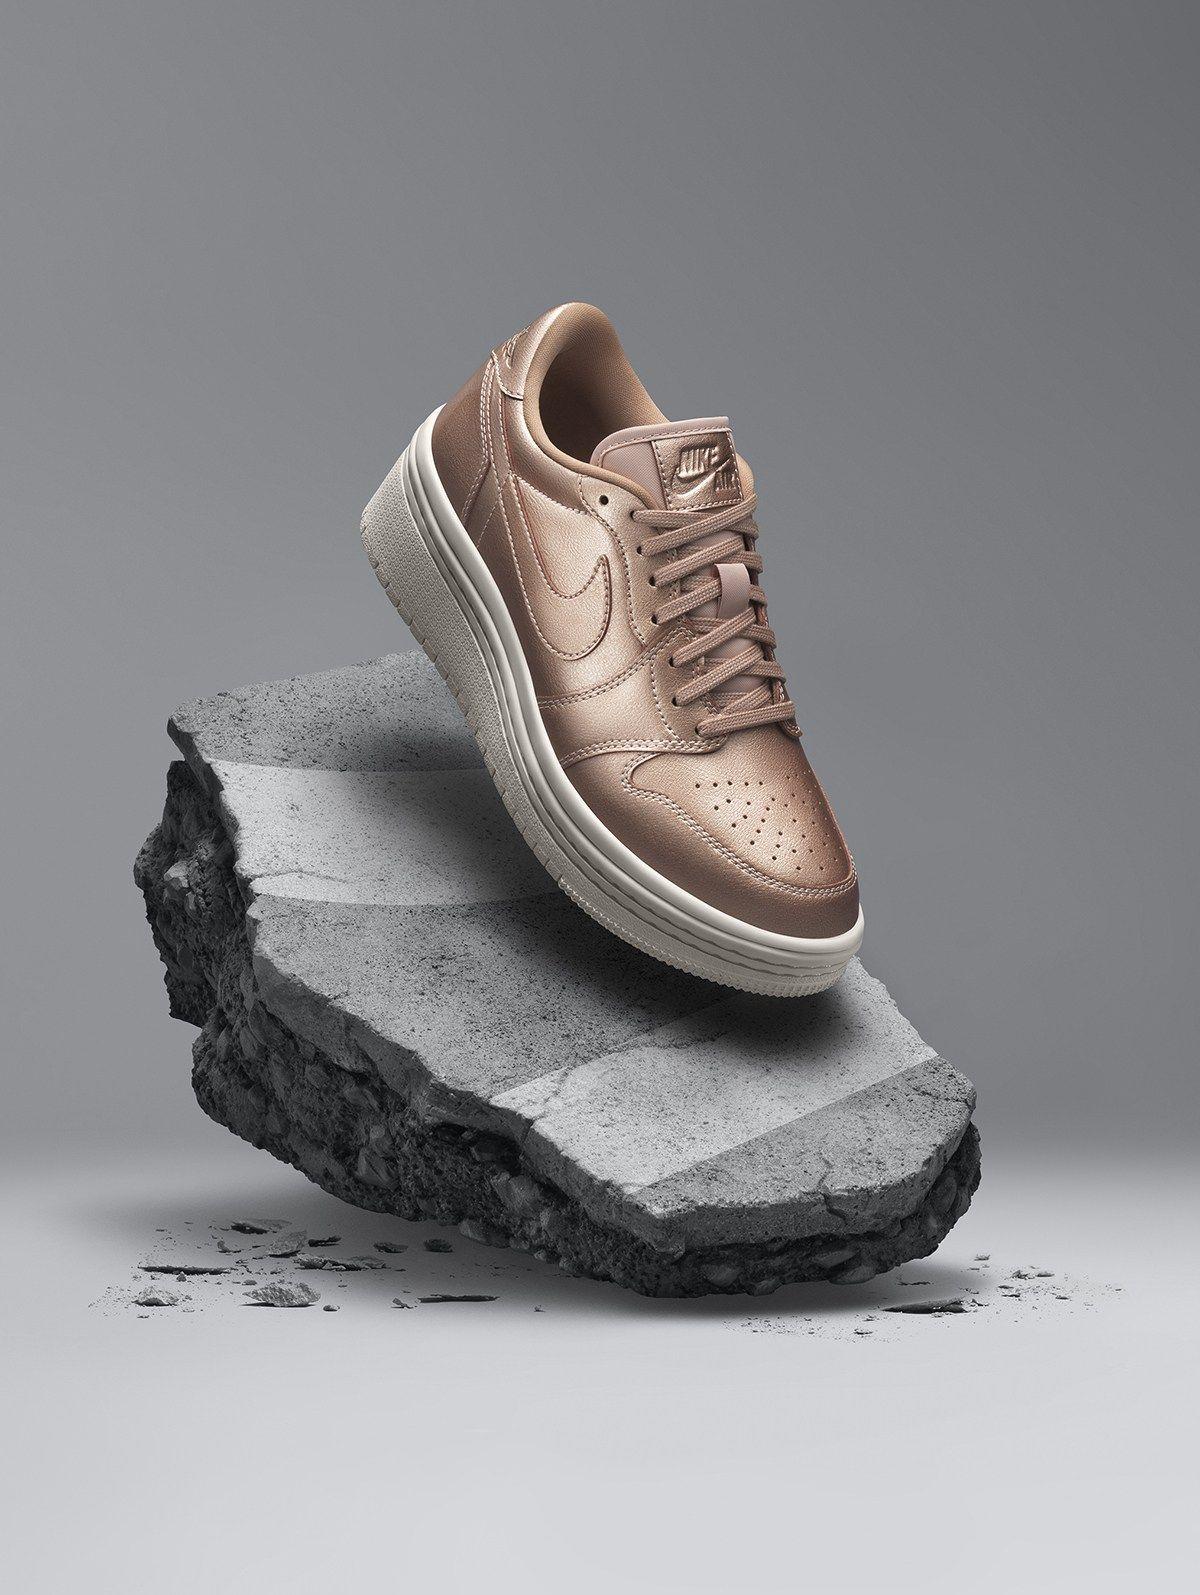 best service 9e026 90fcb Air Jordan Summer 2018 Women s Sneaker Collection - EUKicks.com Sneaker  Magazine